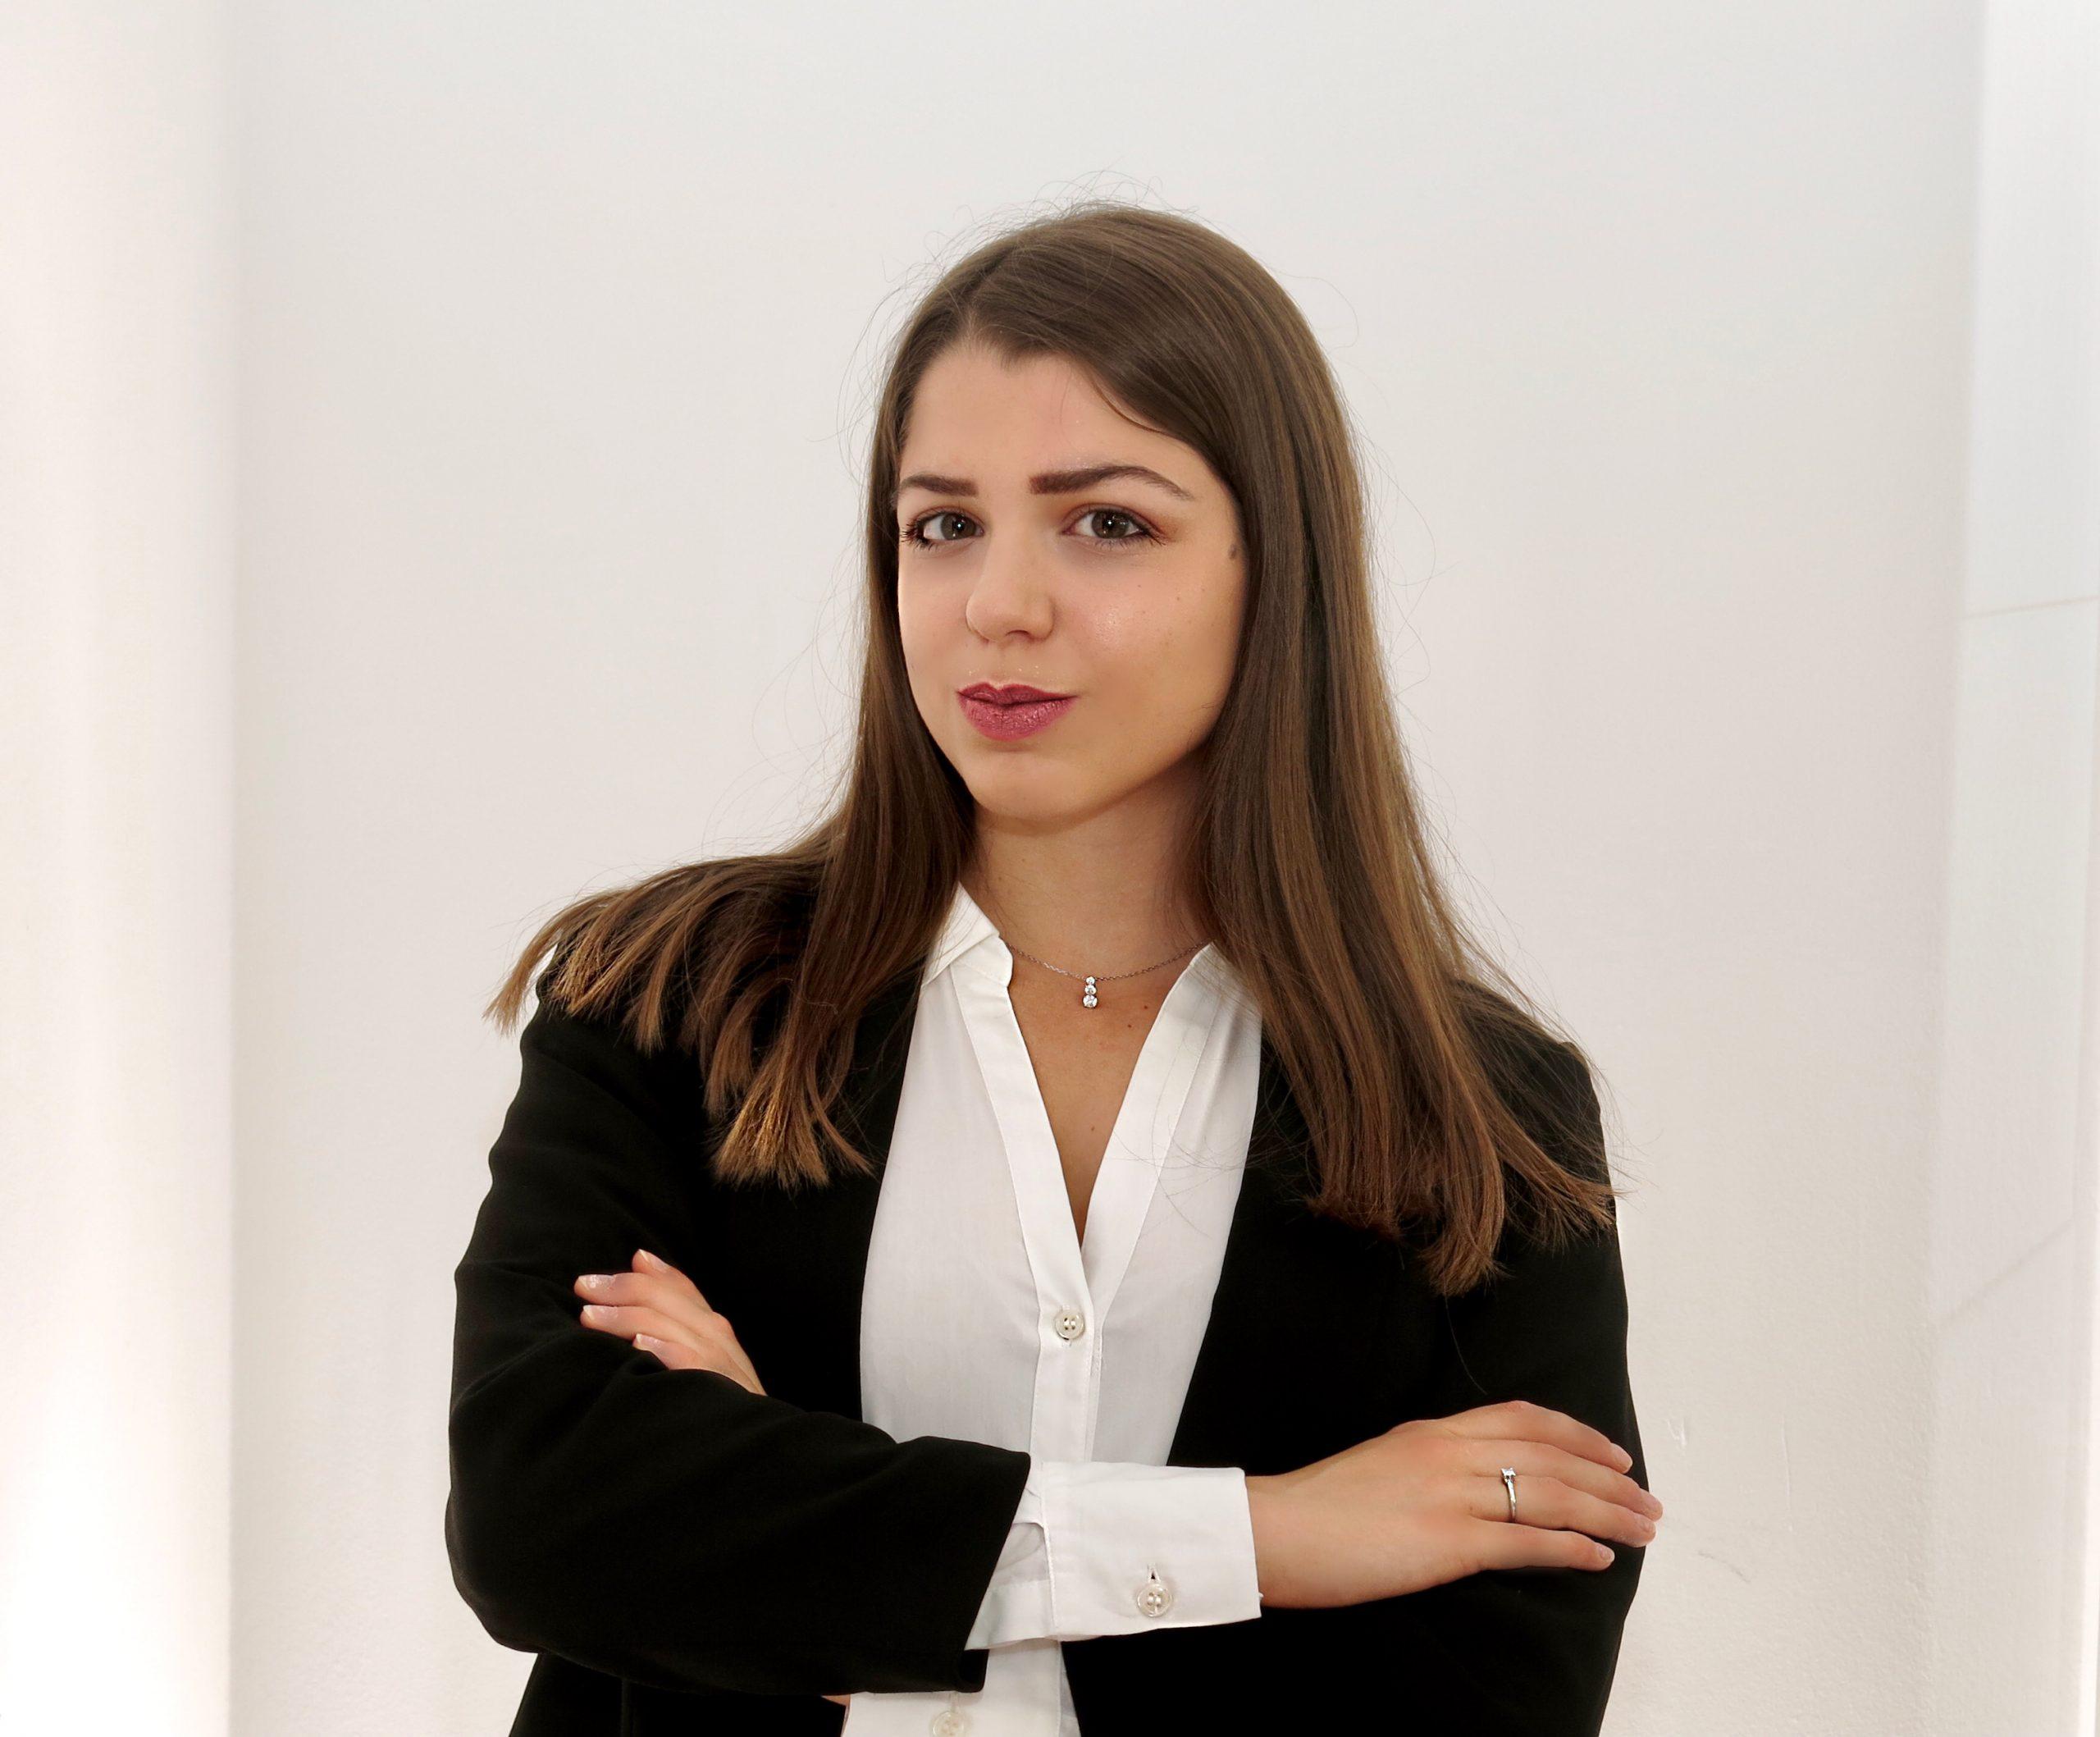 Elisa N